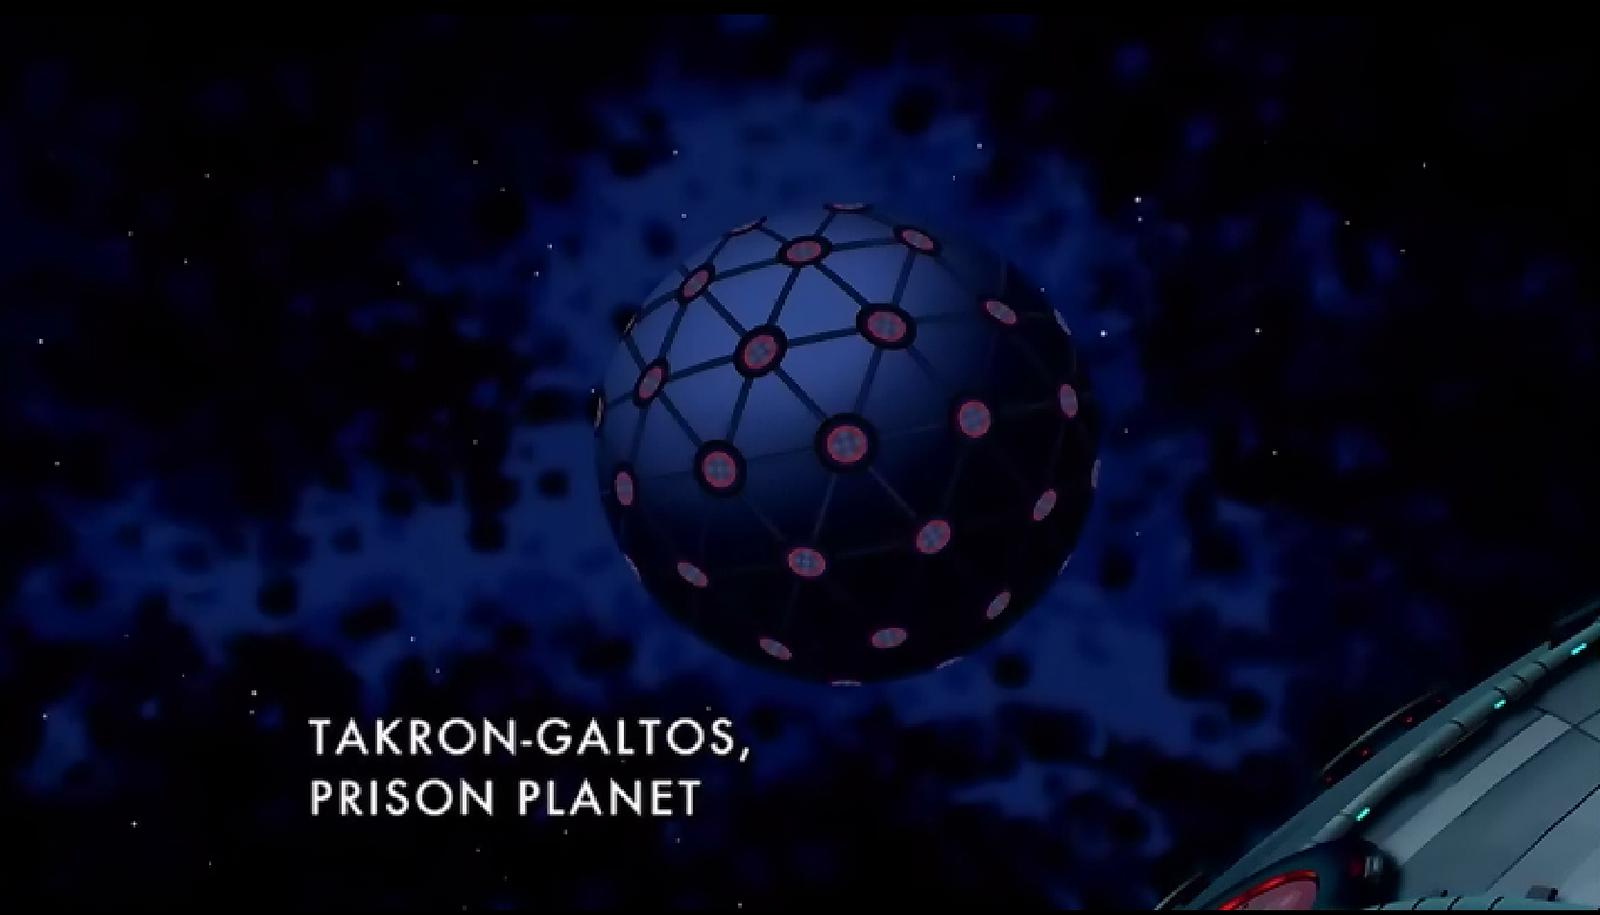 """""""Il ne peut y avoir d'espoir de fuite en ce lieu, Artistes de l'Evasion."""" [Batman] Takron-Galtos"""